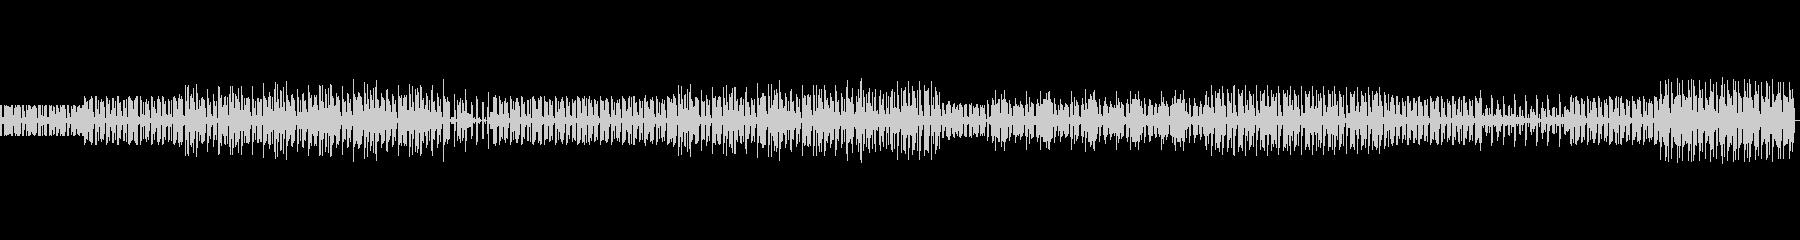 レゲトン要素のスロウなハウス インスト の未再生の波形